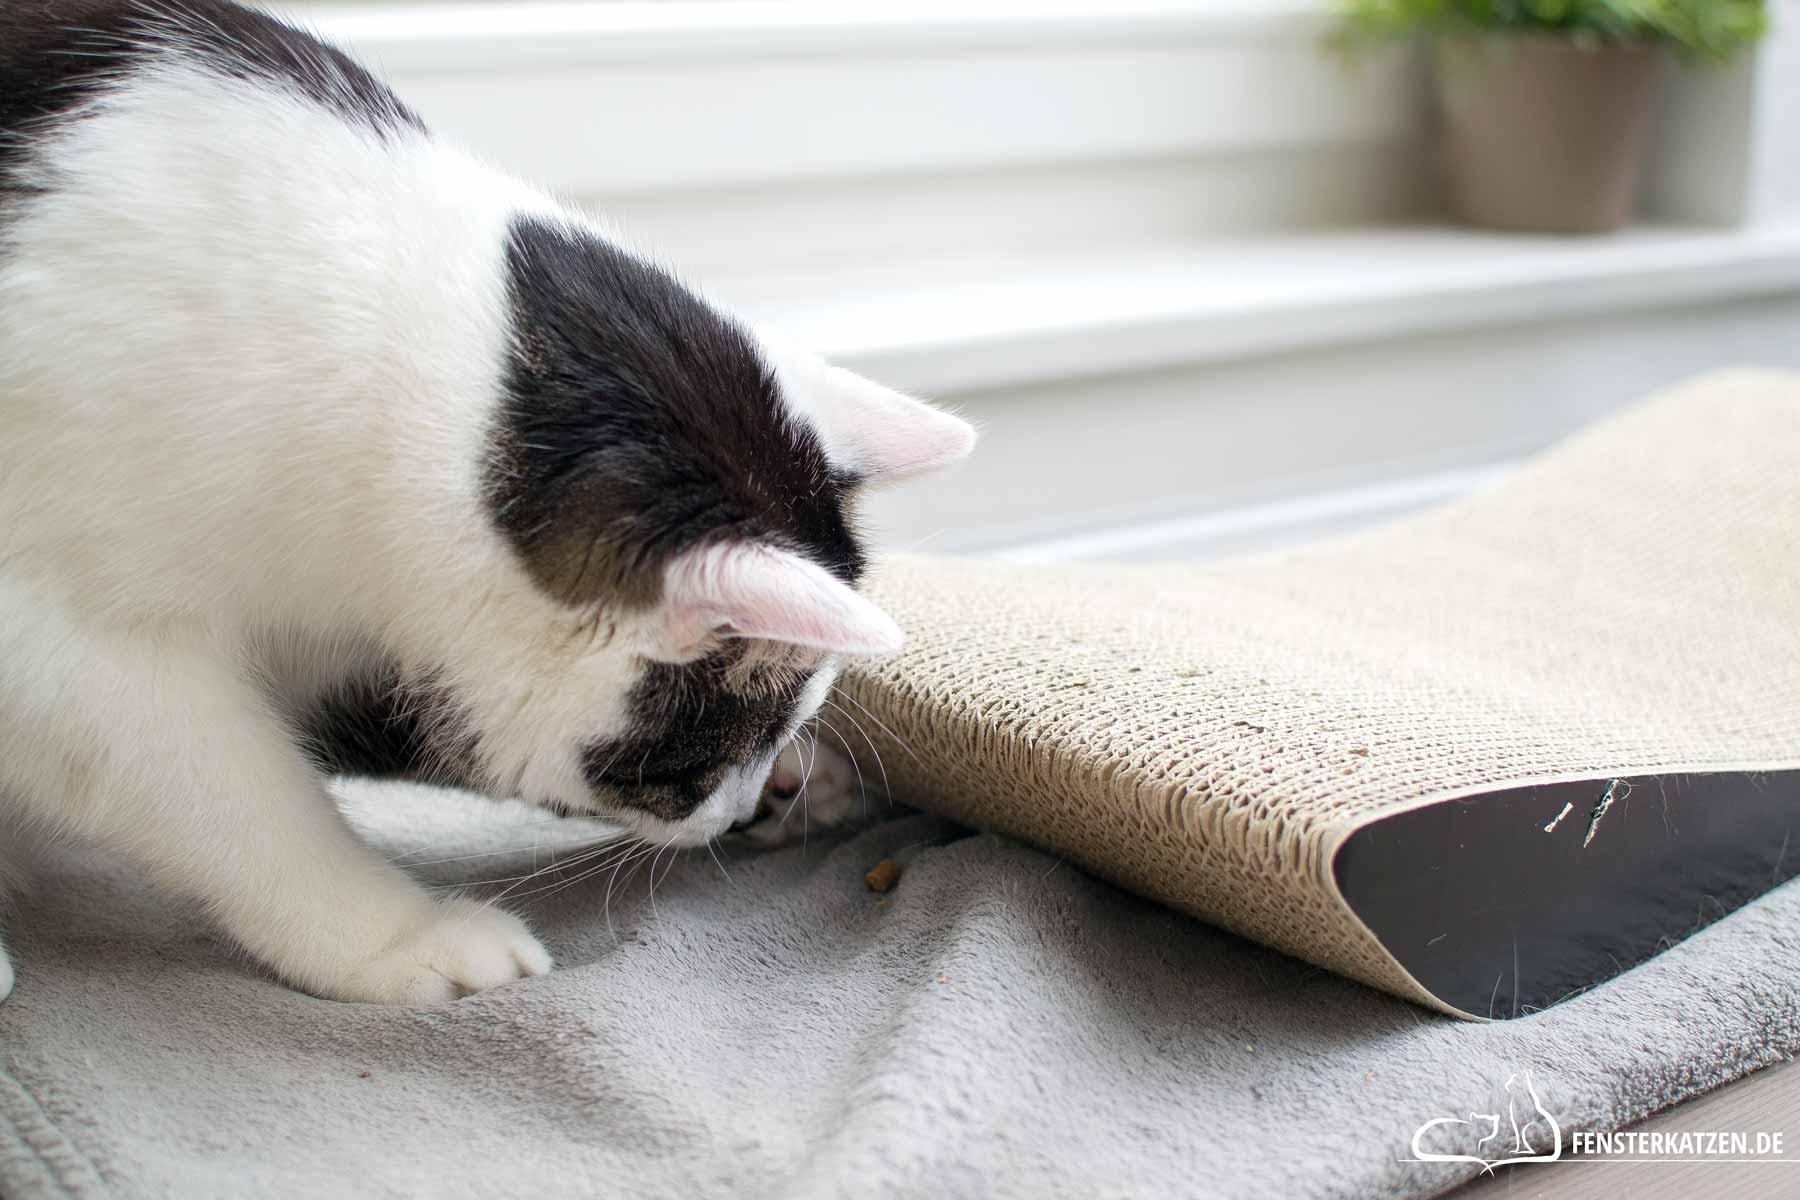 Fensterkatzen-Alltag-3-Futterspiele-fuer-Koerper-Koepfchen-Titelbild